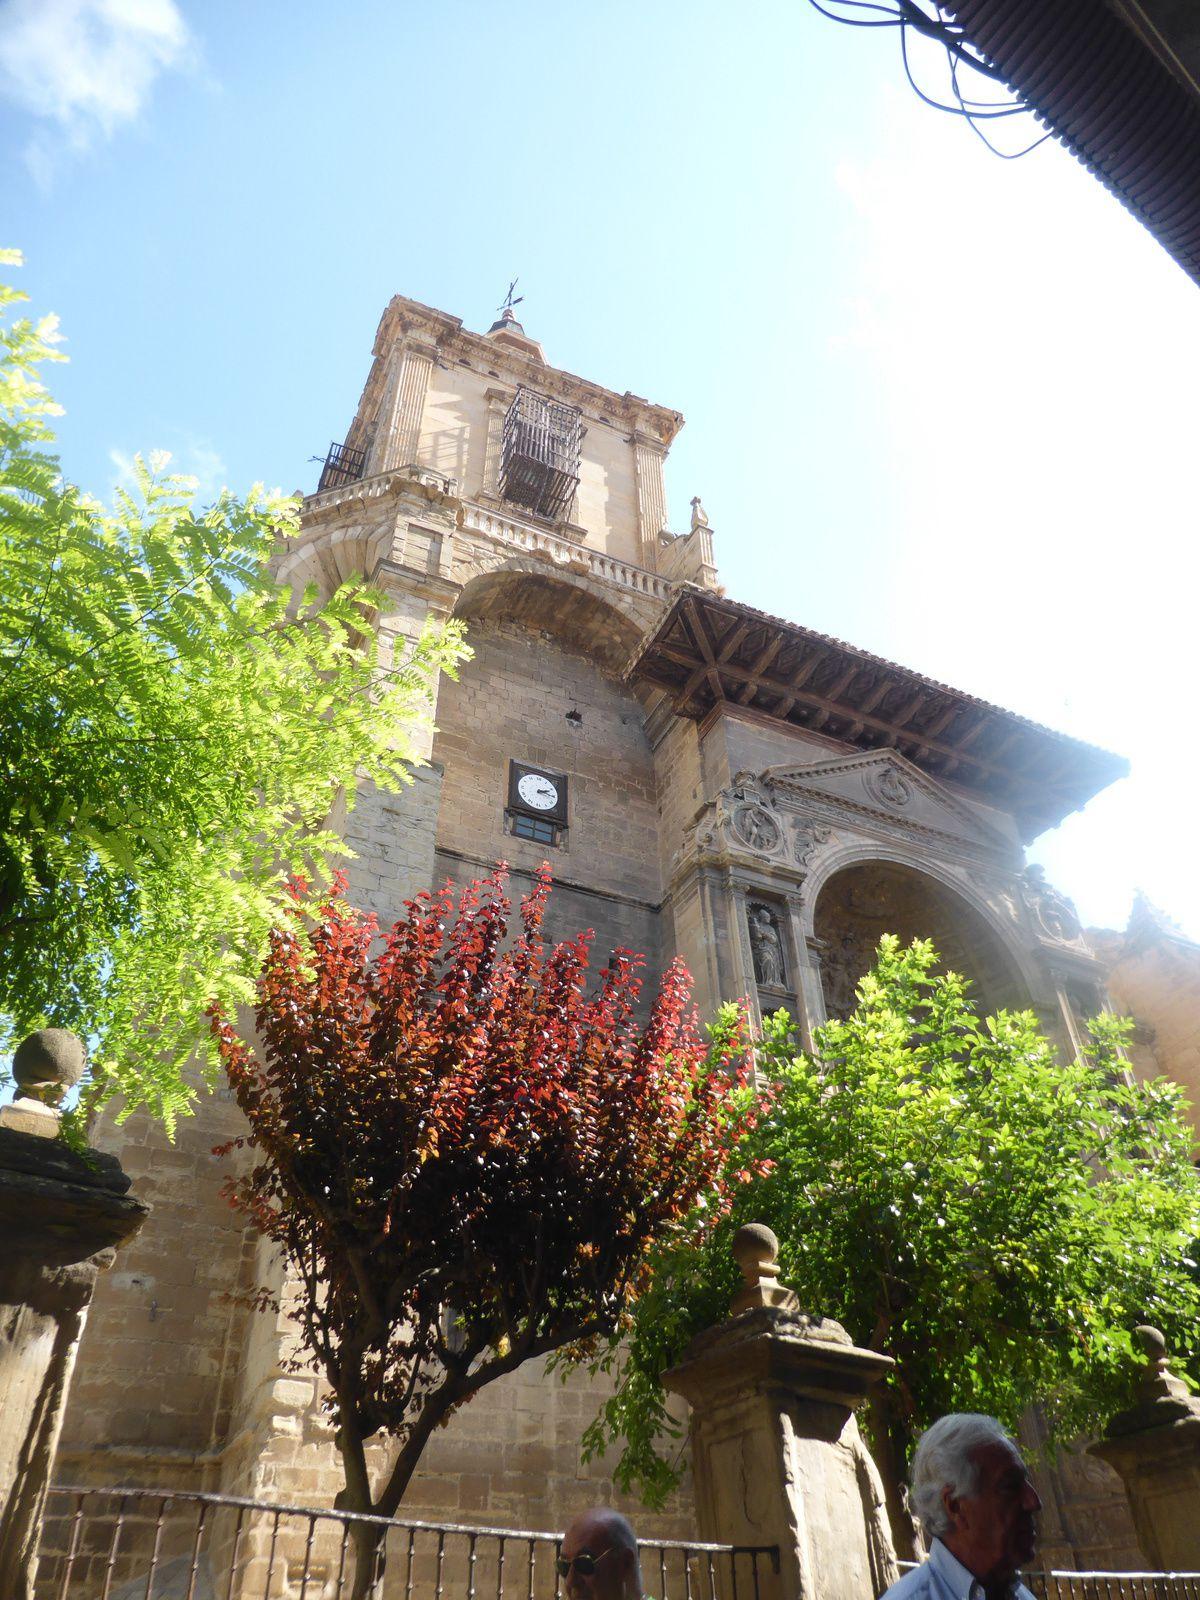 Nous voilà à Vianna où nous faisons halte devant l'imposante église de Santa Maria construite entre 1250 et 1312.